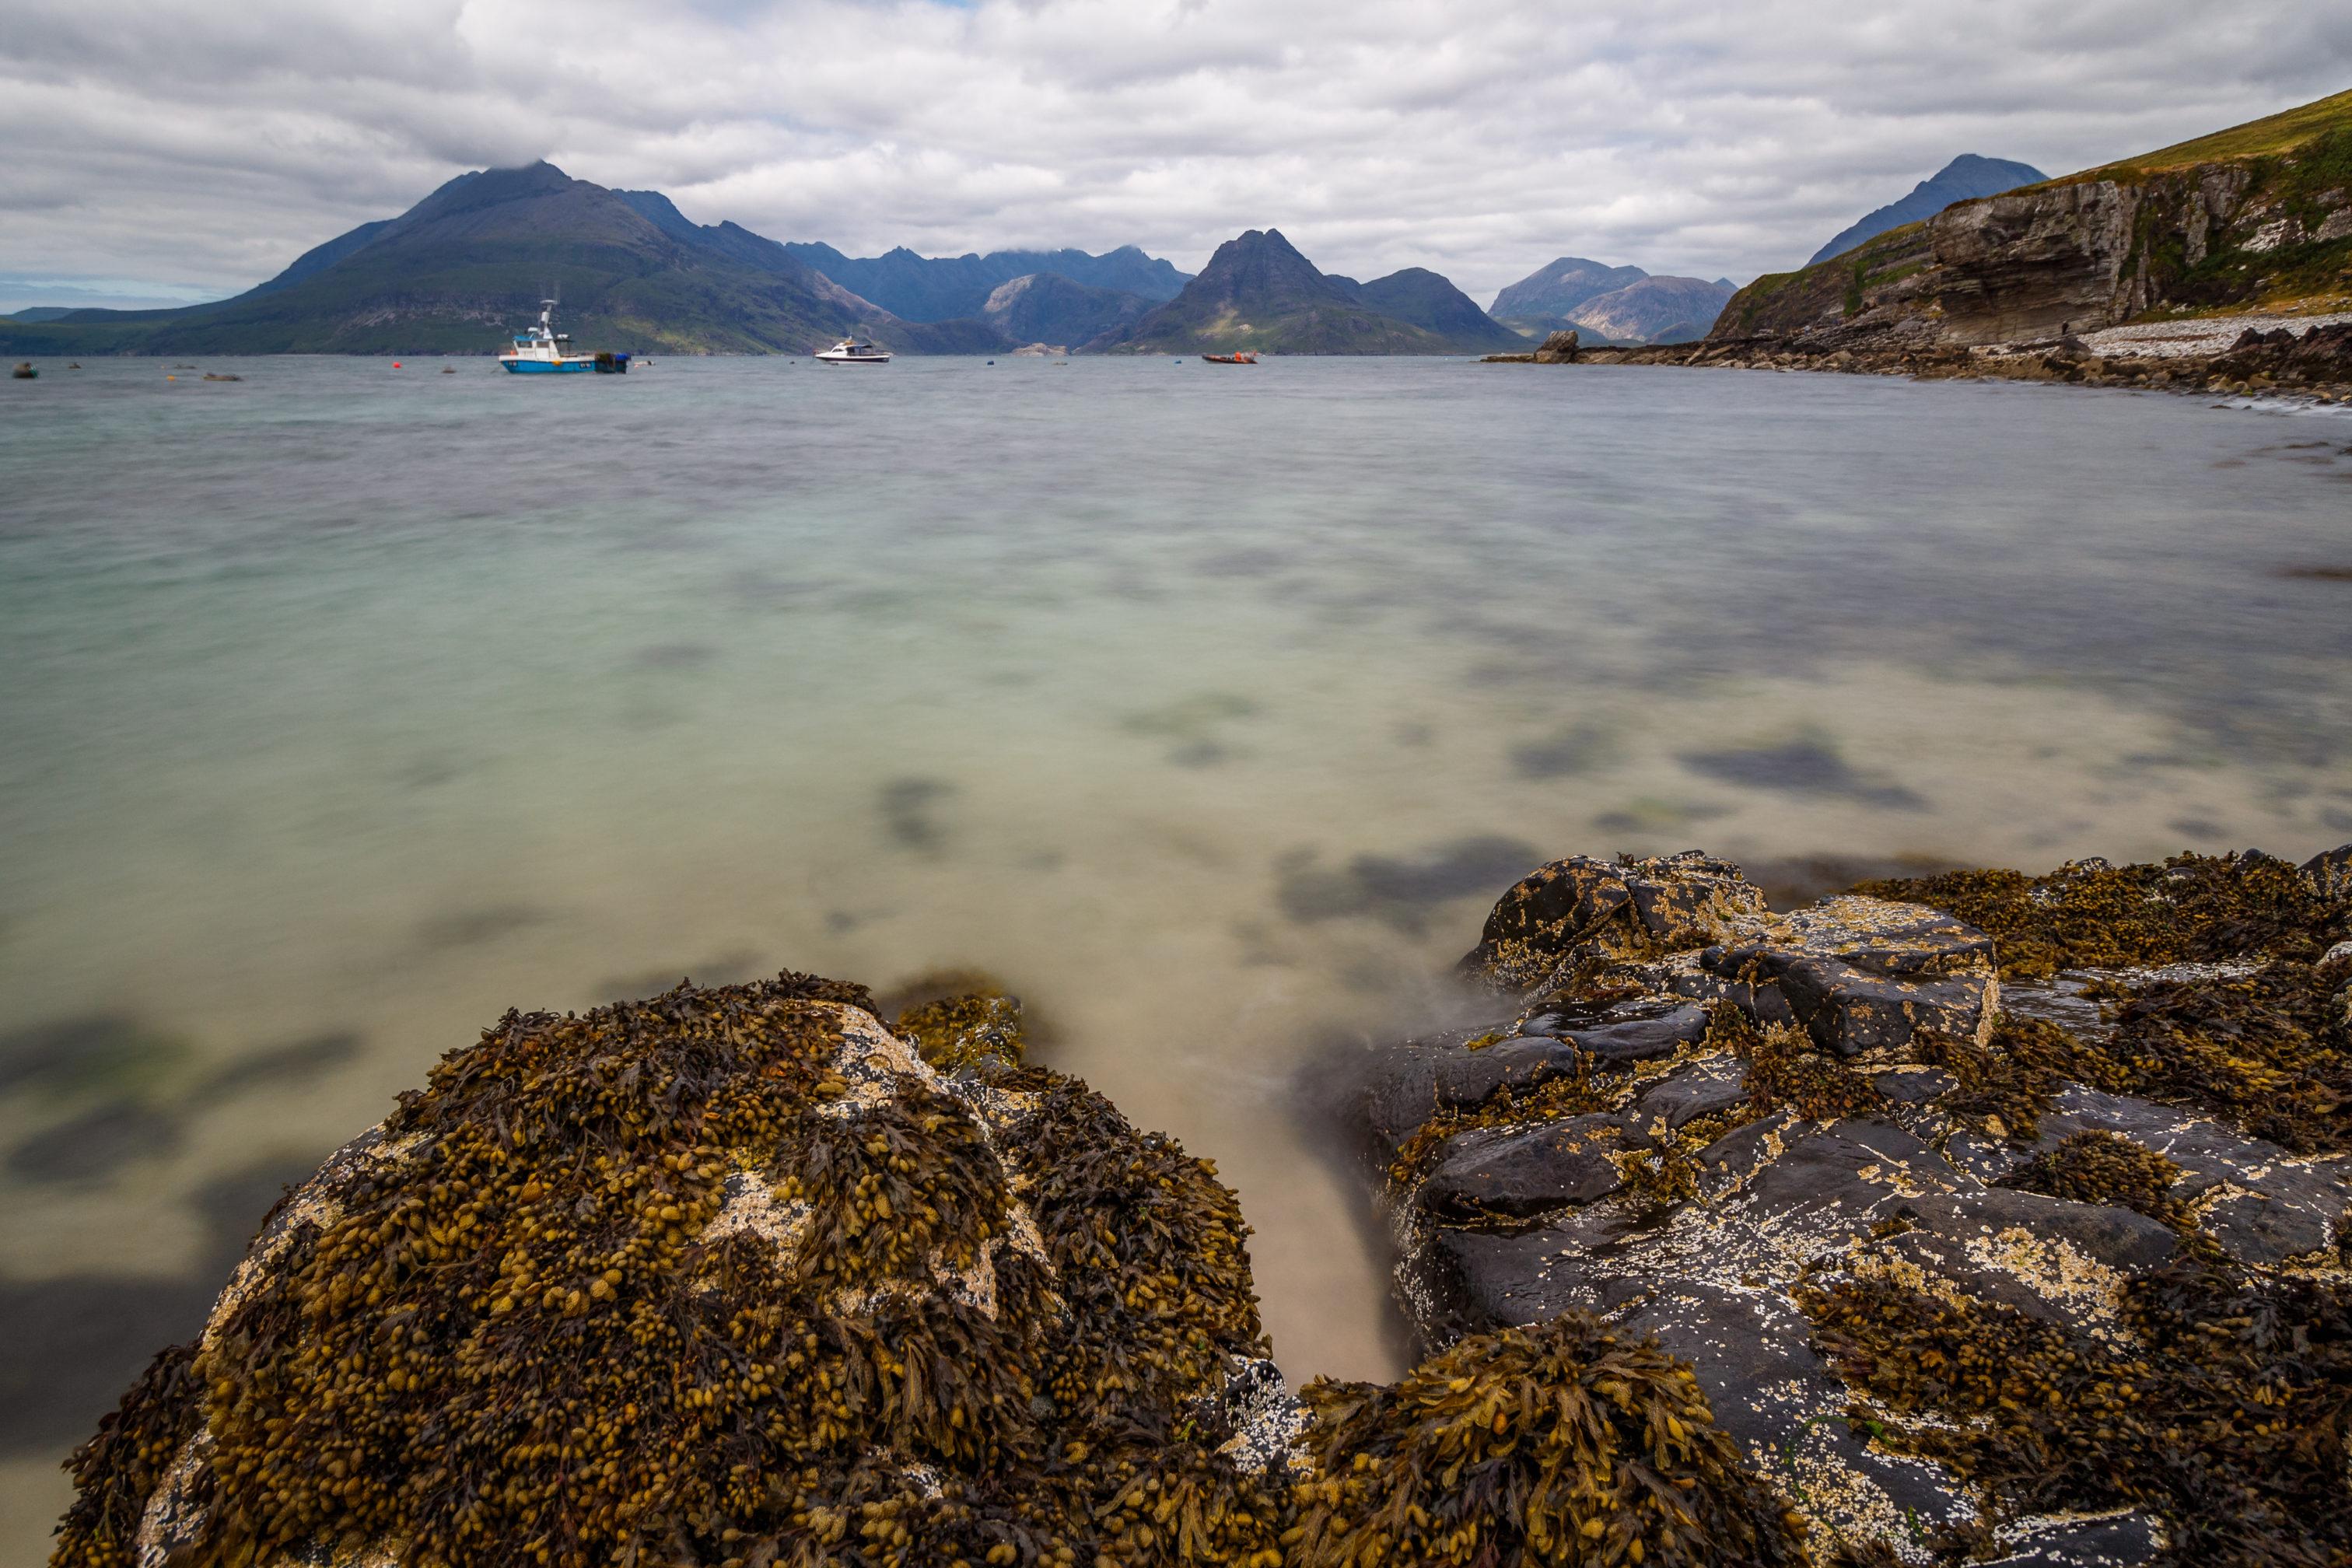 Die Farbe des Wasser in der Elgol-Bucht erinnert an die Südsee